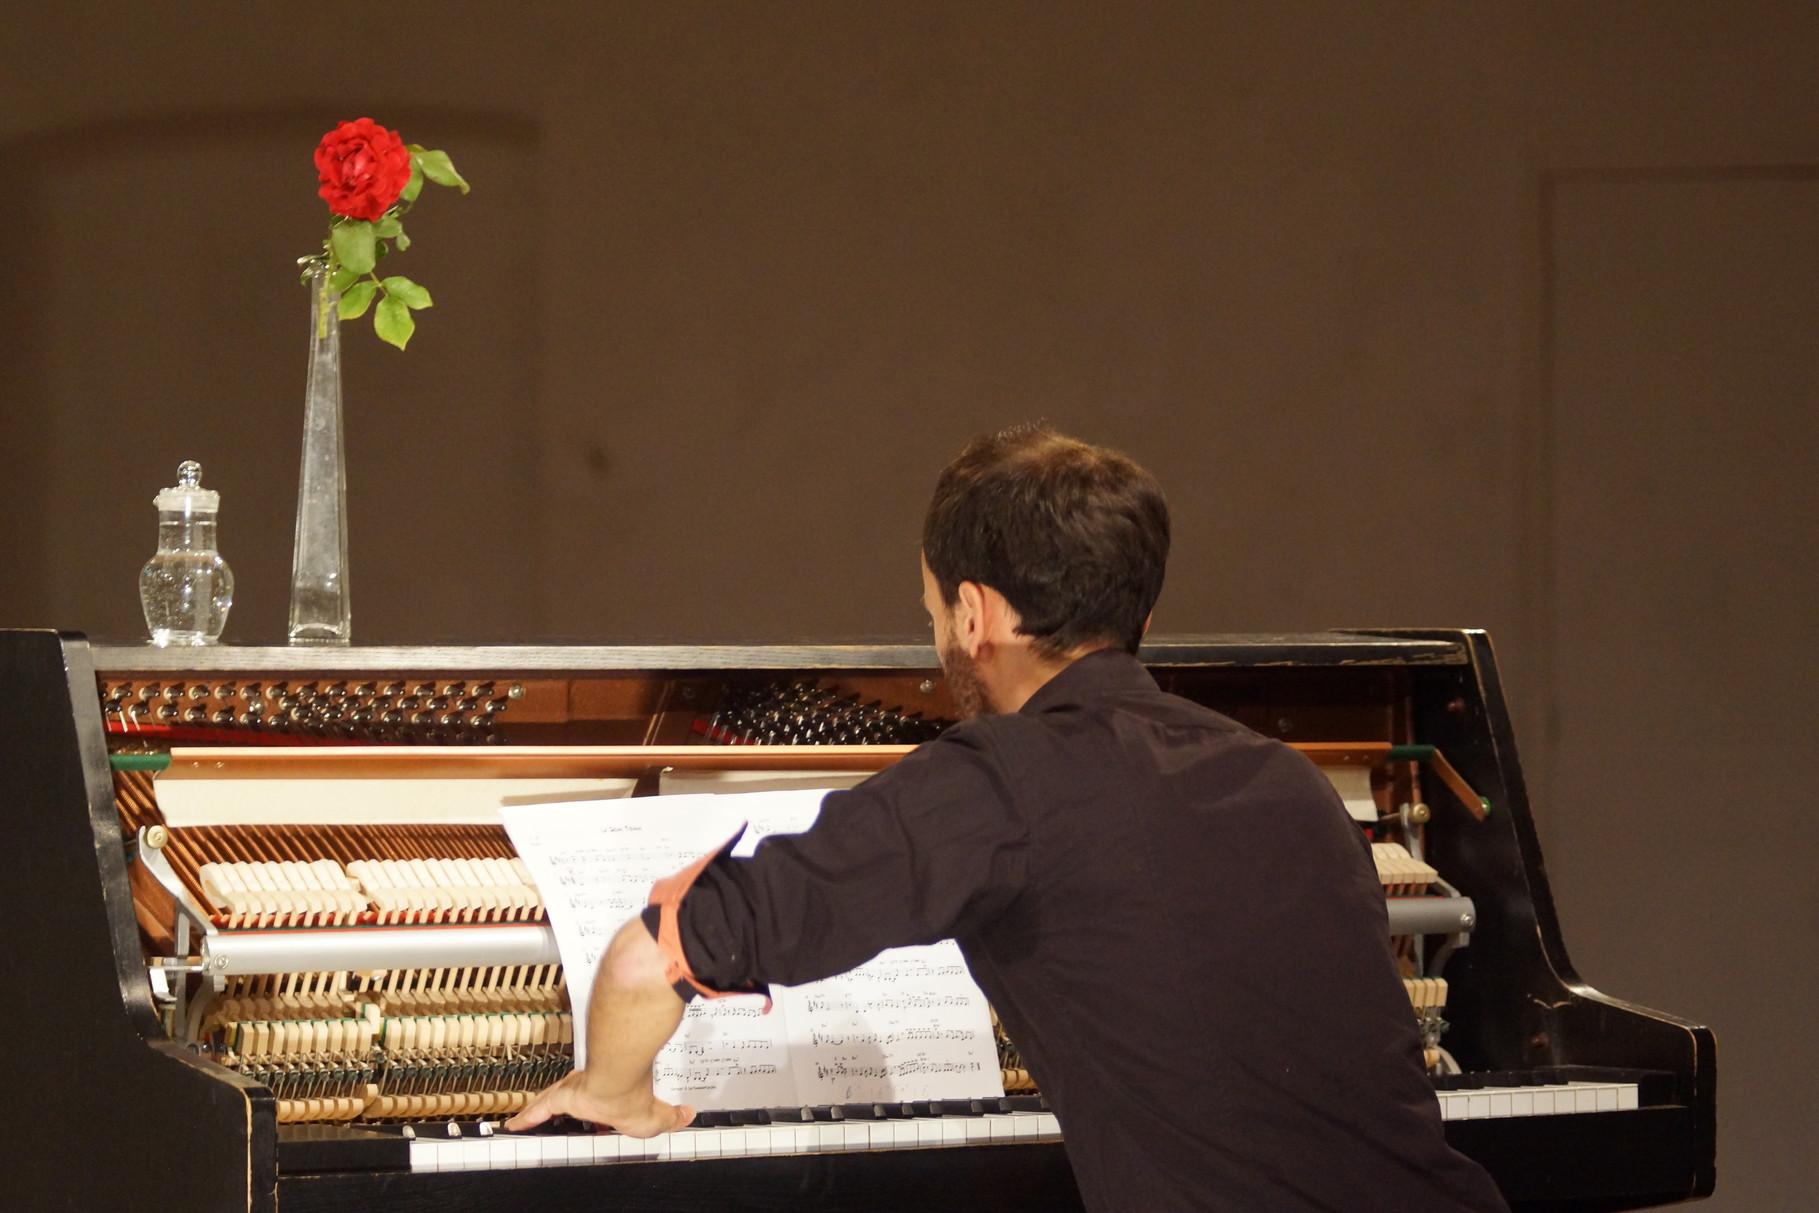 Concierto en Centre International de la Voix, Malérargues, Francia. Julio 2014